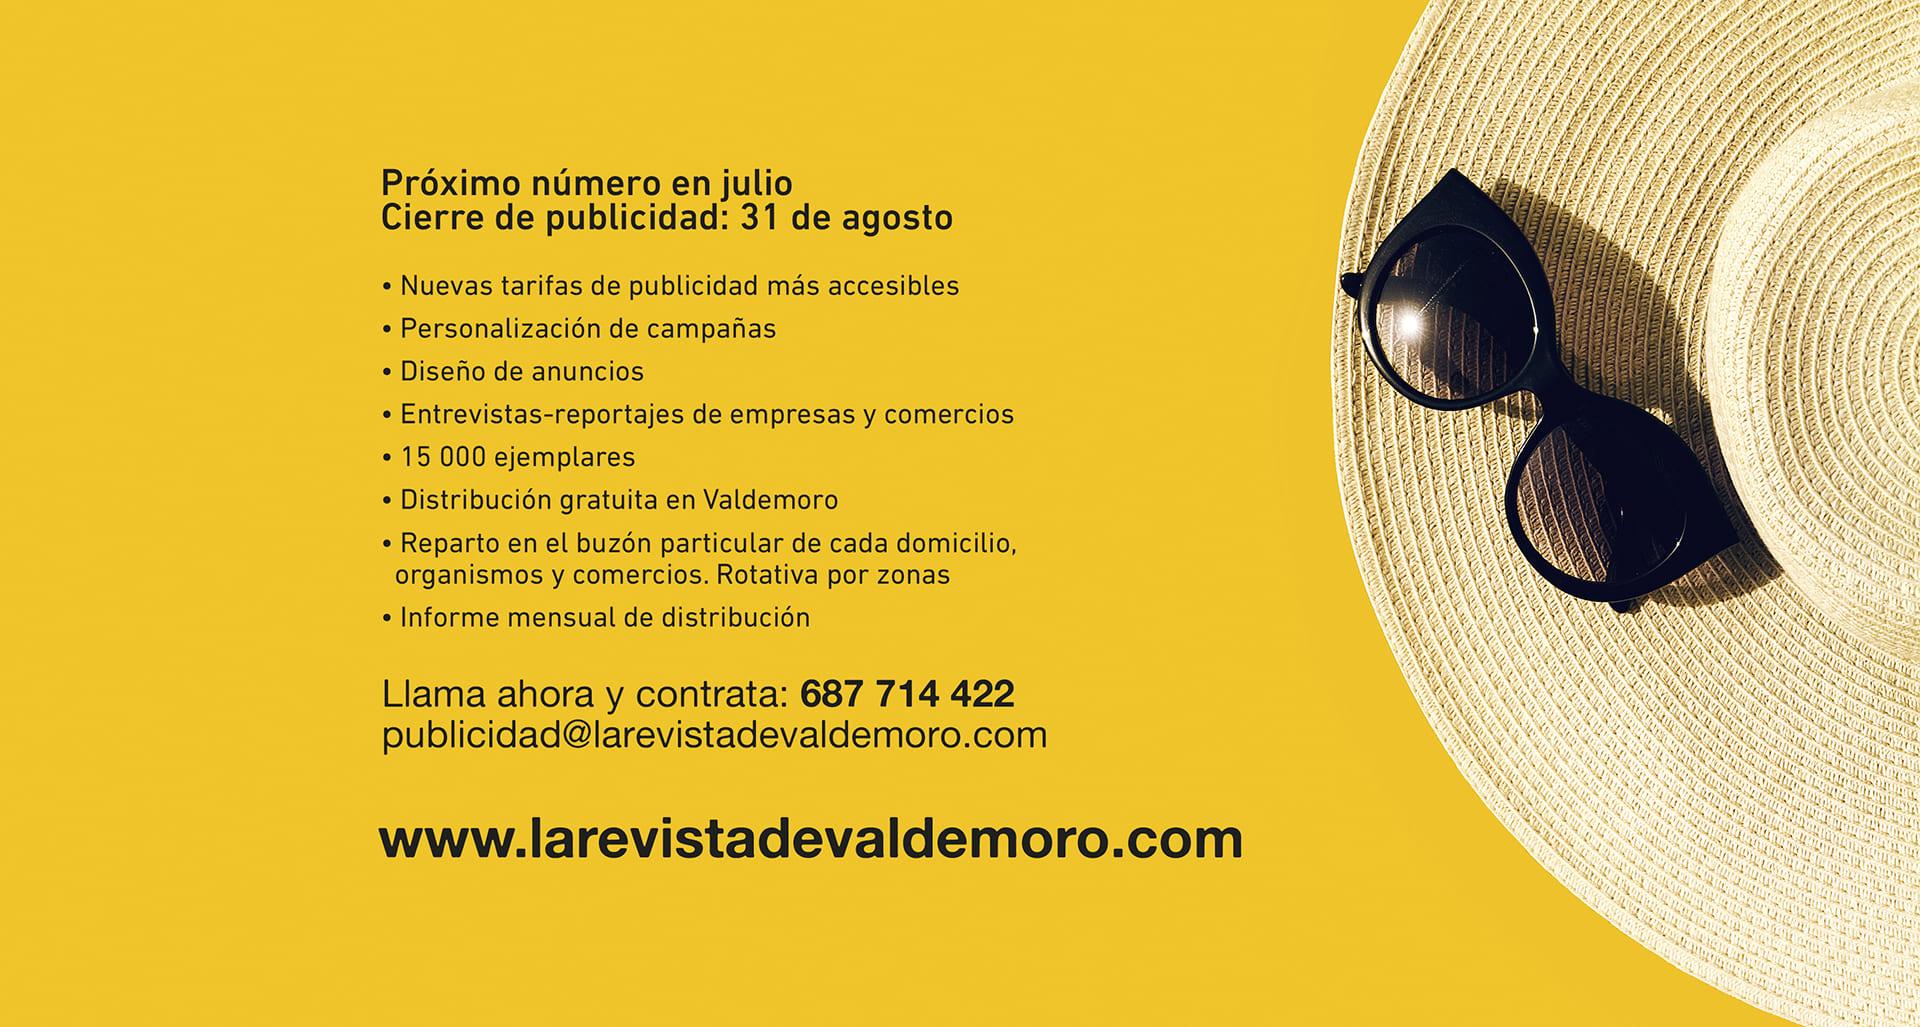 Publicidad La Revista de Valdemoro